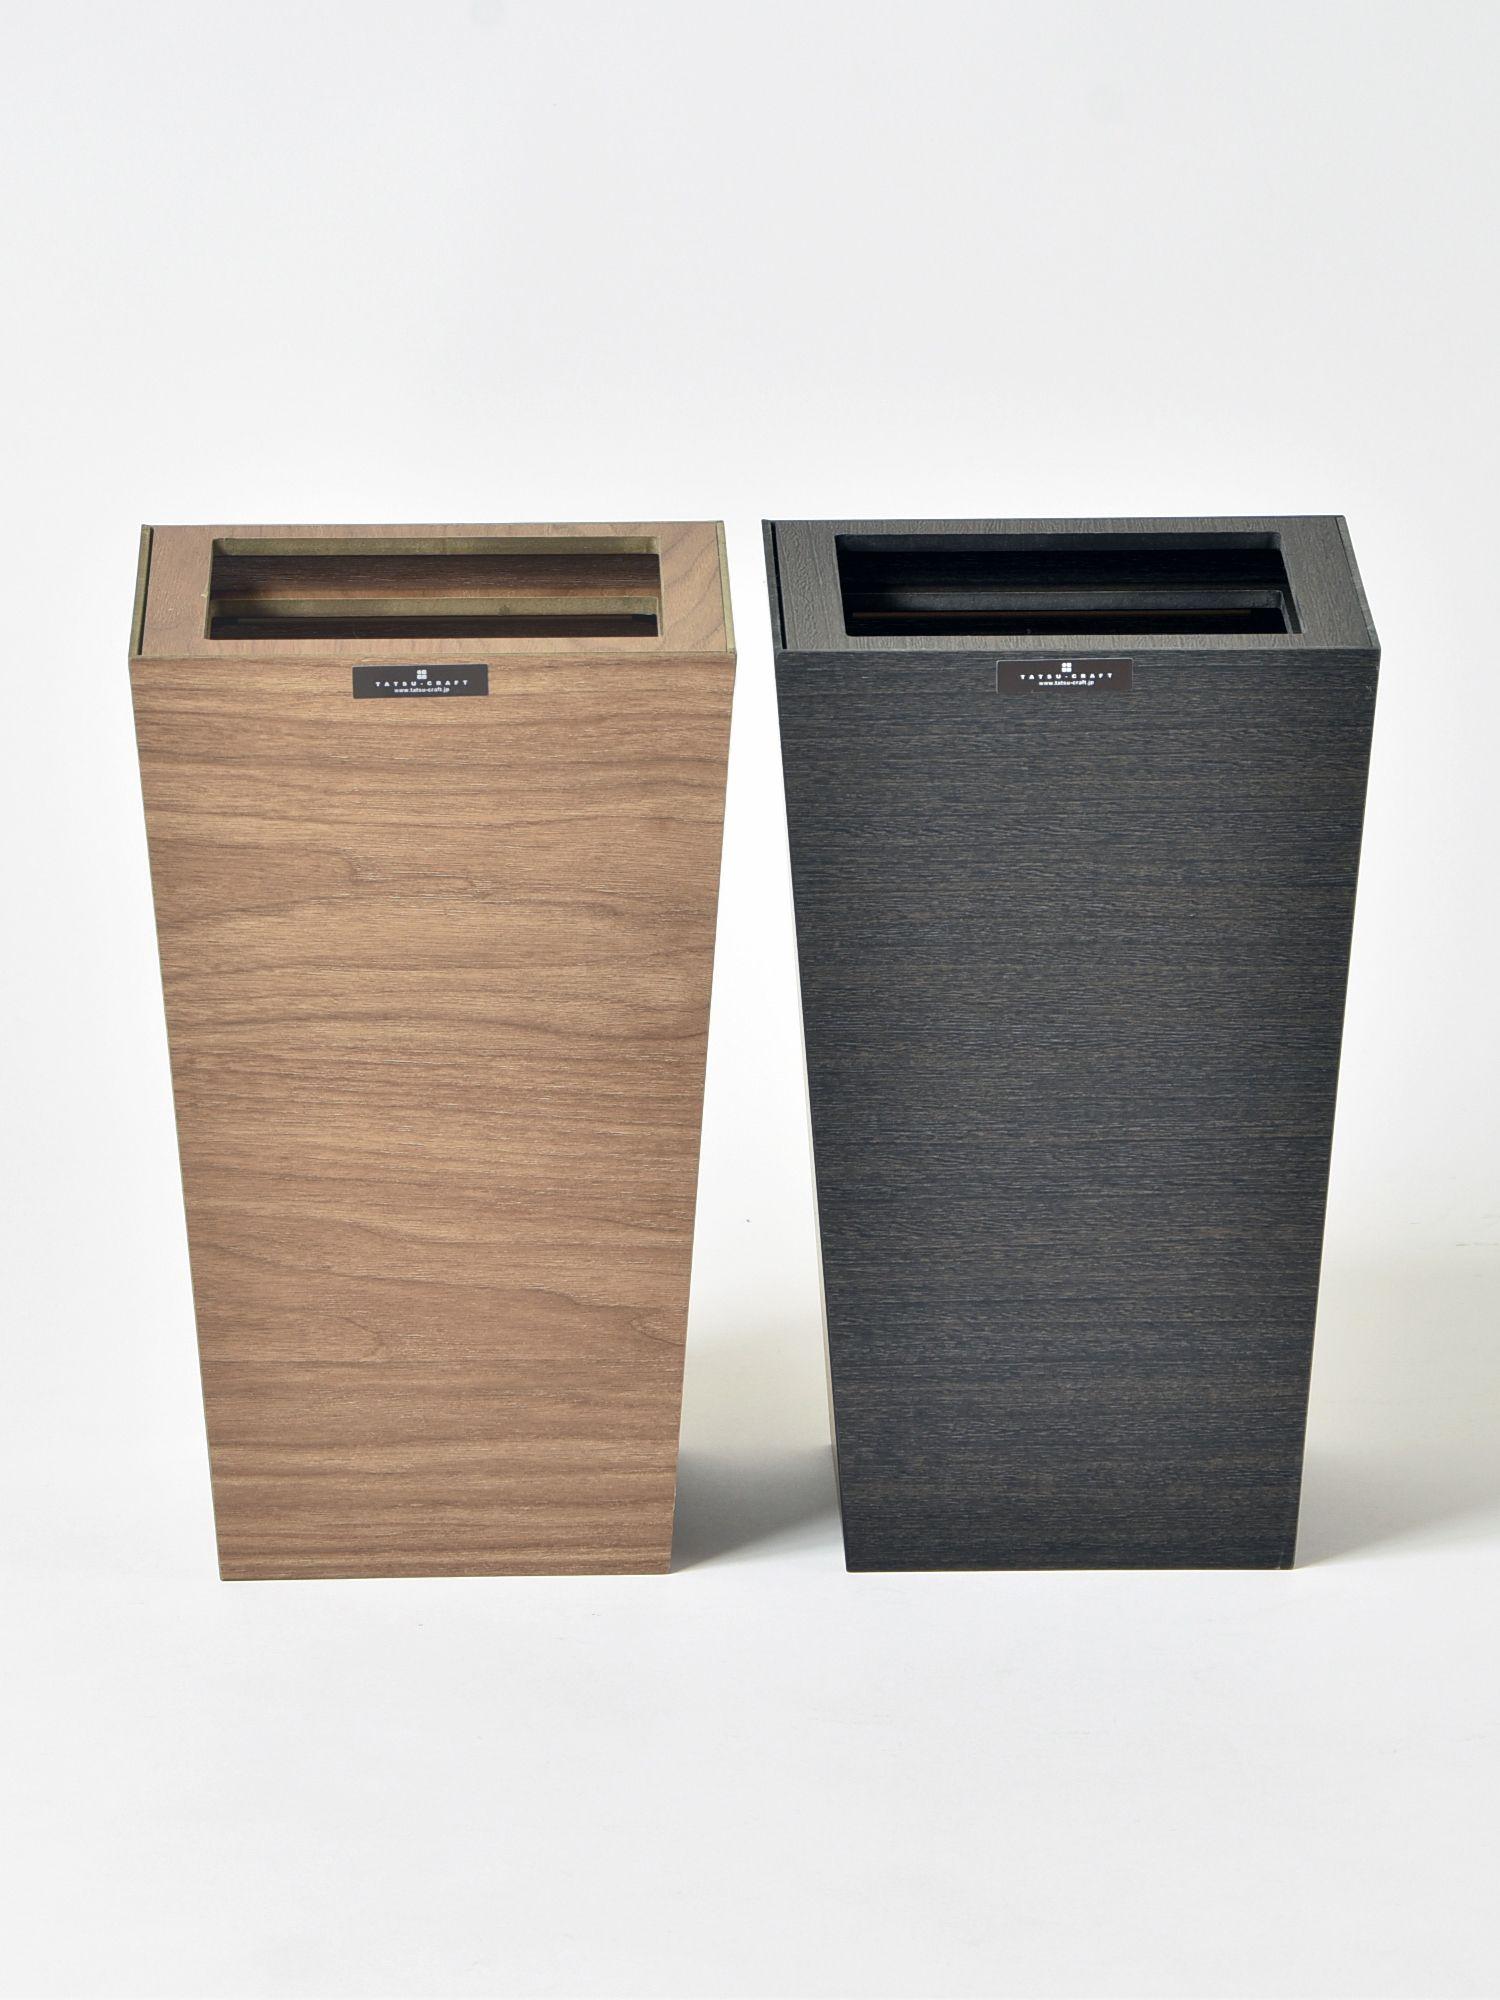 まるでインテリア 美しい存在感のゴミ箱 ゴミ箱 おしゃれ リビング ゴミ箱 リビング ゴミ箱 おしゃれ